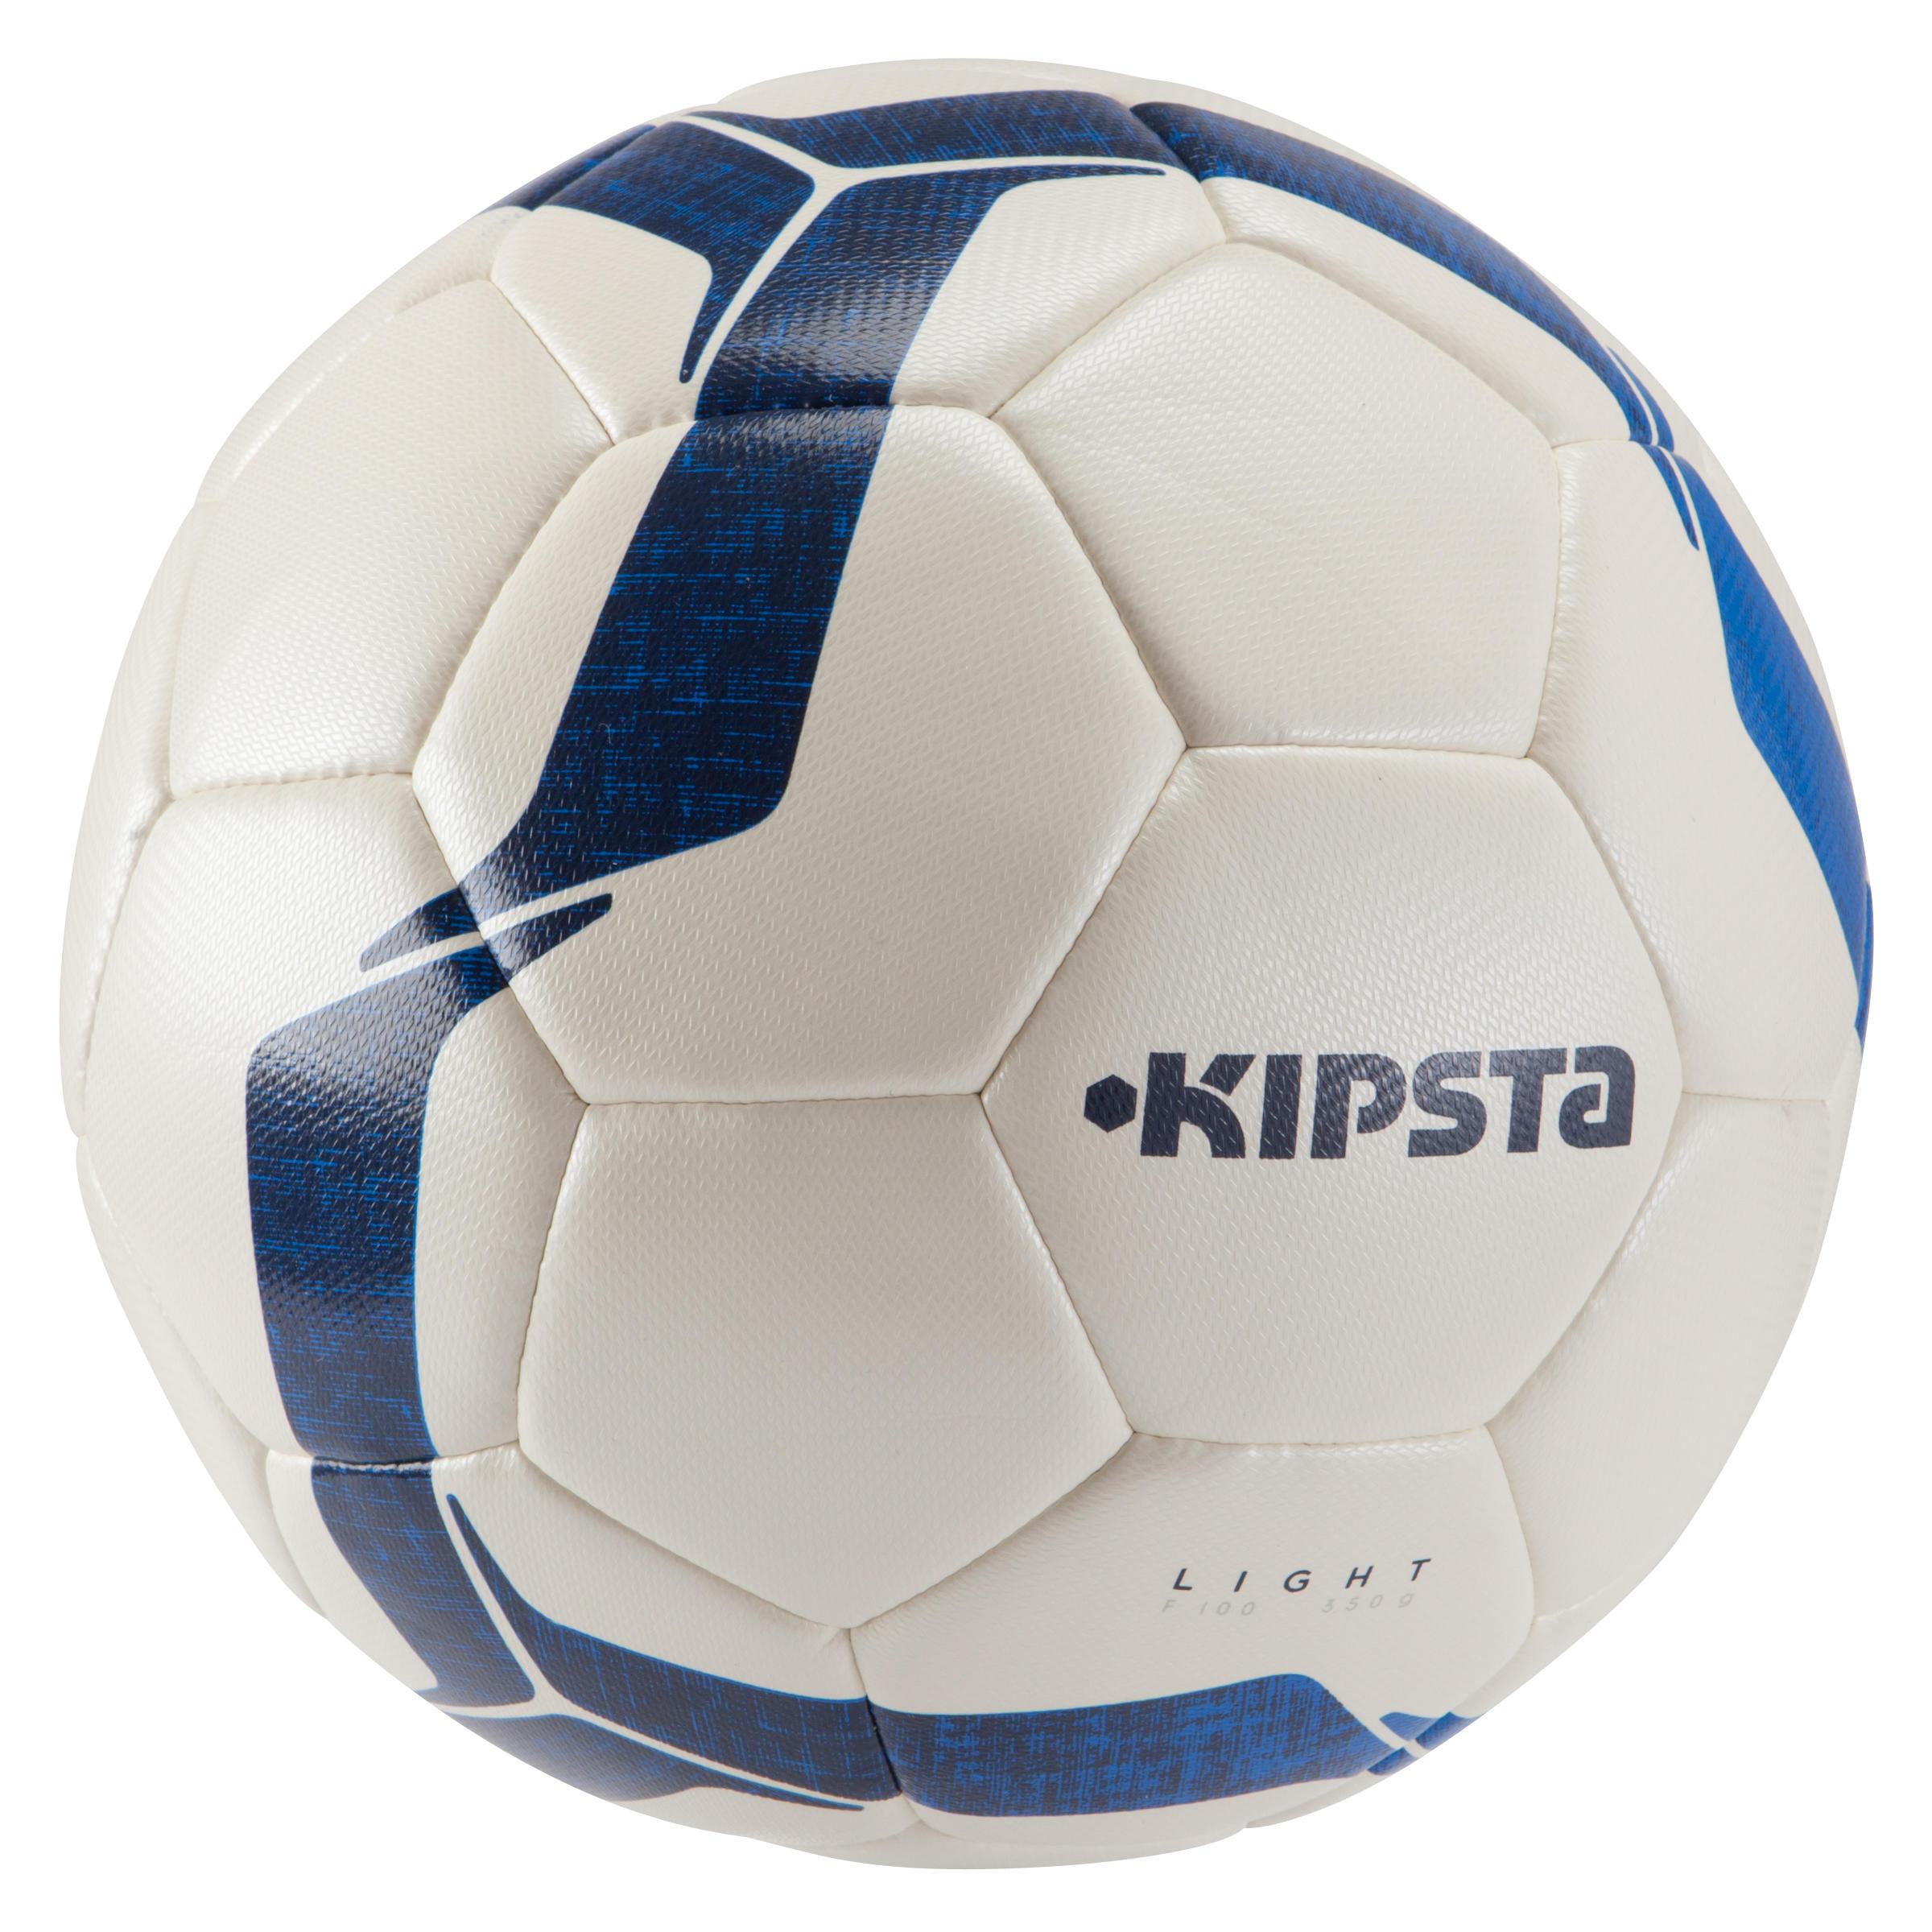 Ballon de soccer F100 hybride light taille 5 ivoire